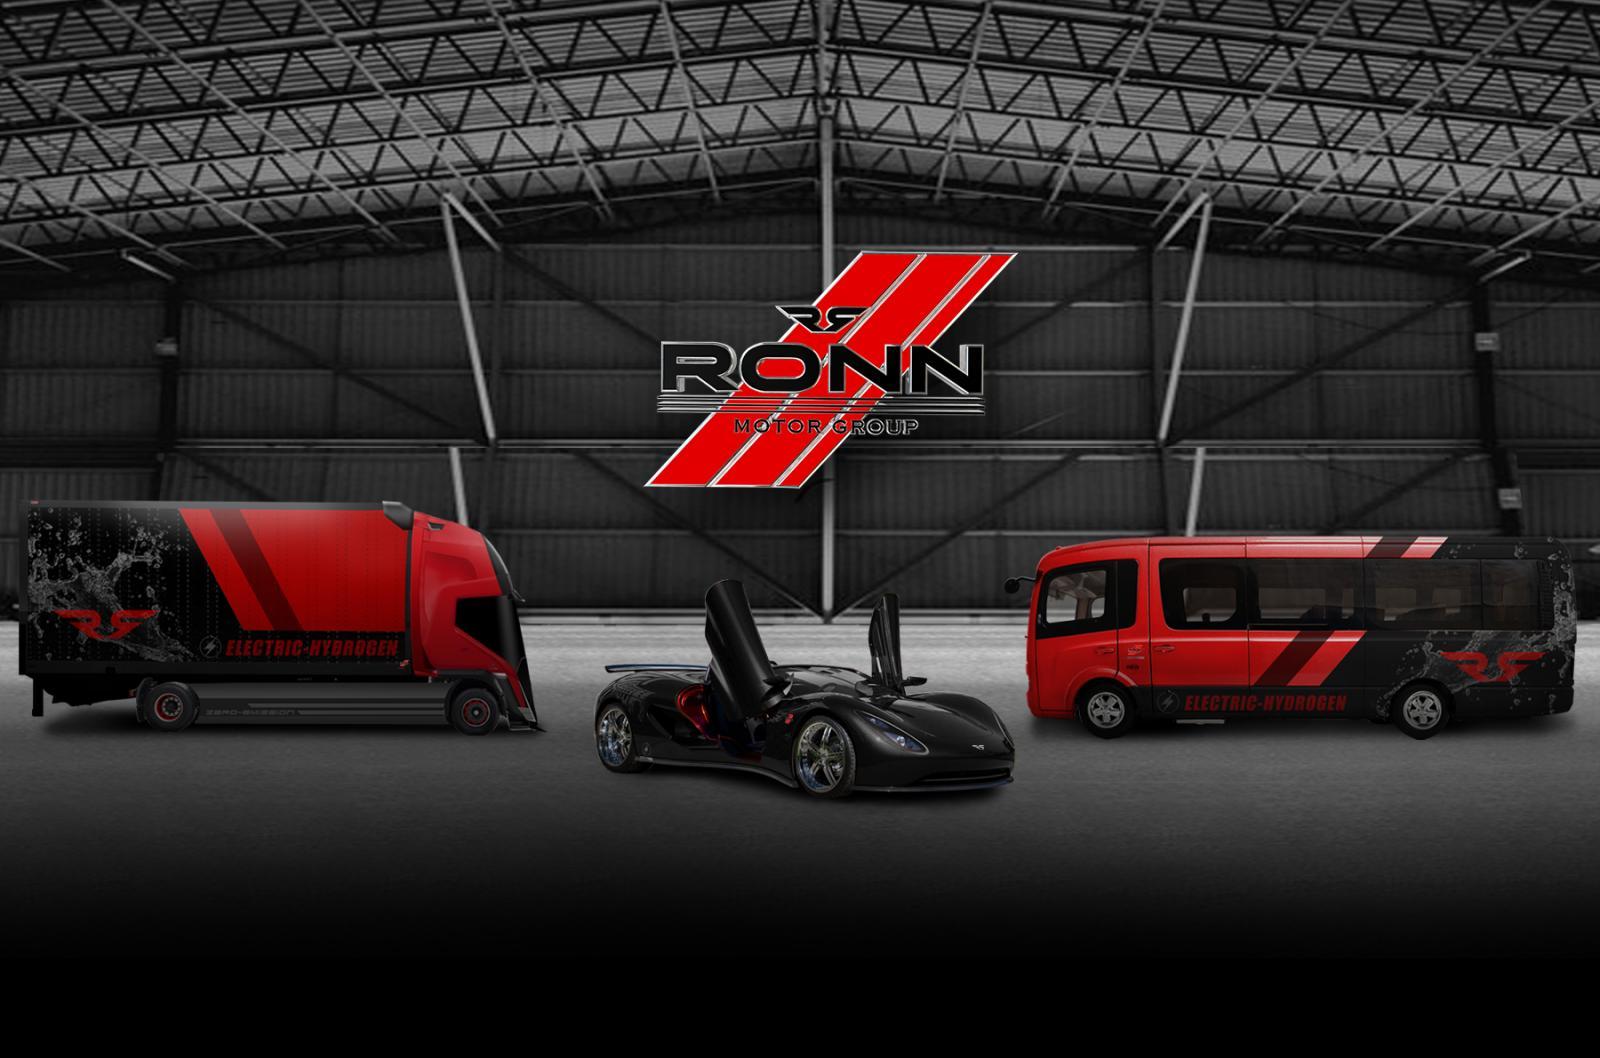 Ronn Motor Group